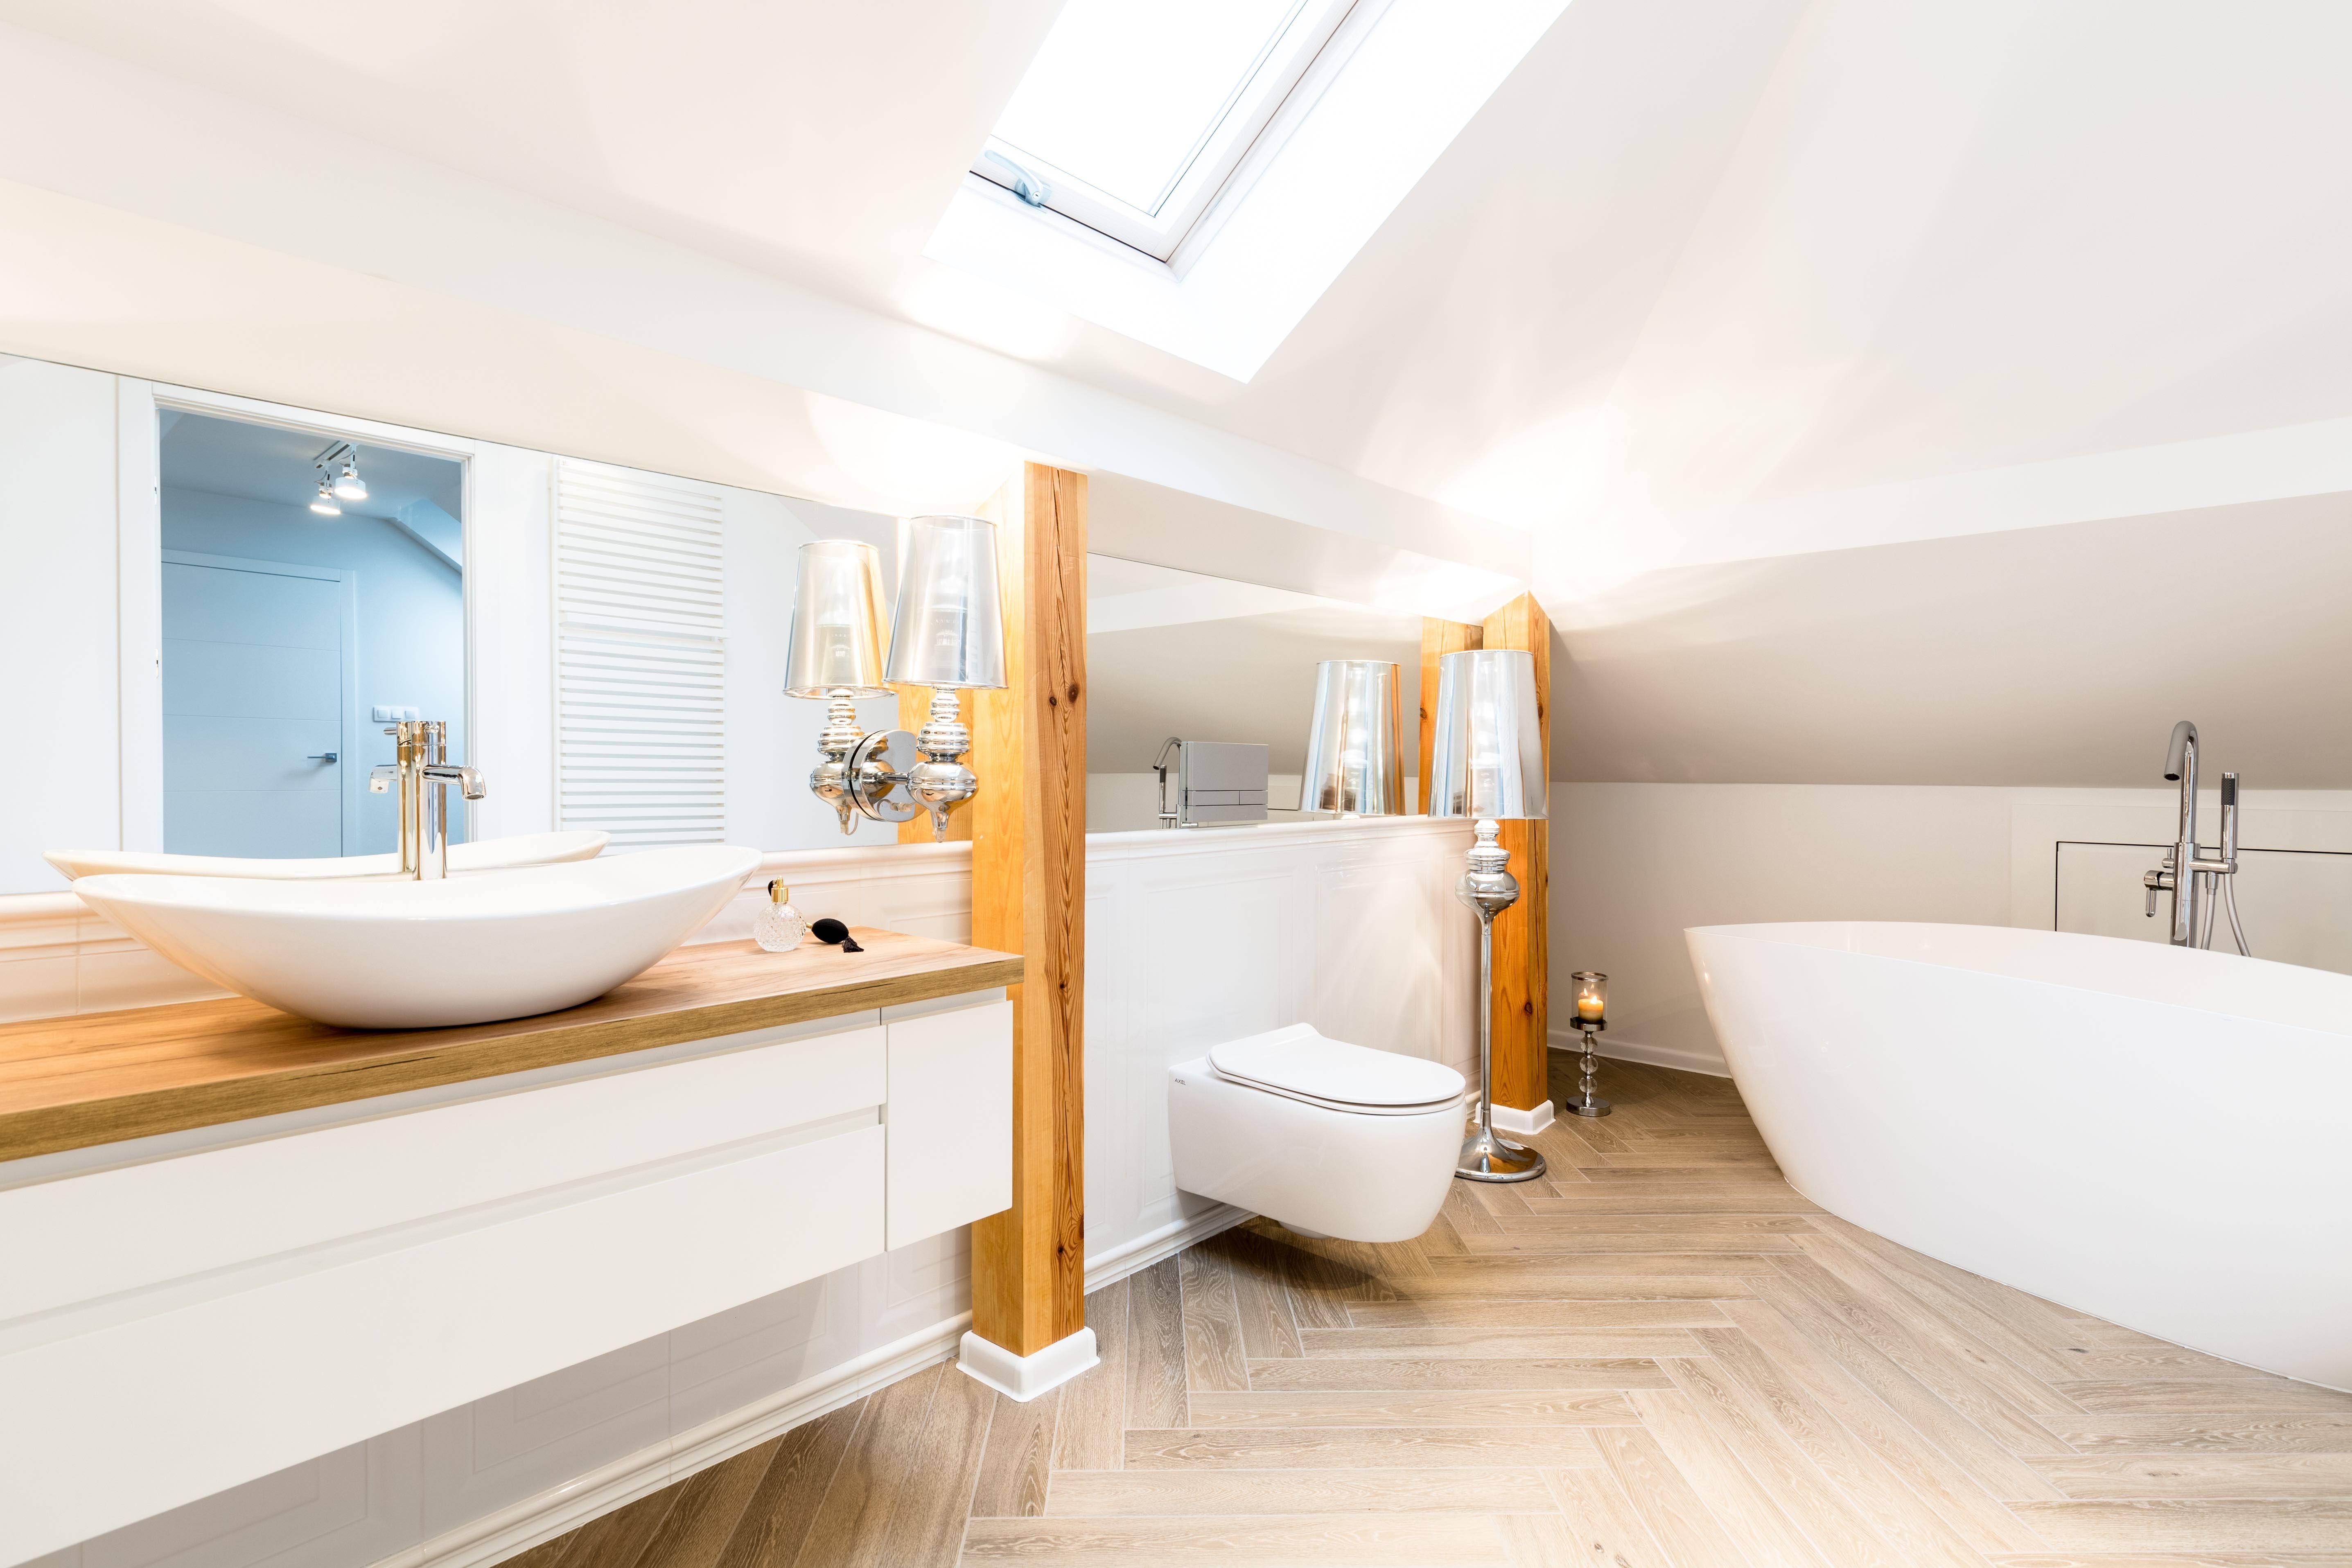 Kleine Badkamer Oplossing : Kleine badkamer 10 handige tips voor een kleine badkamer huisa.nl